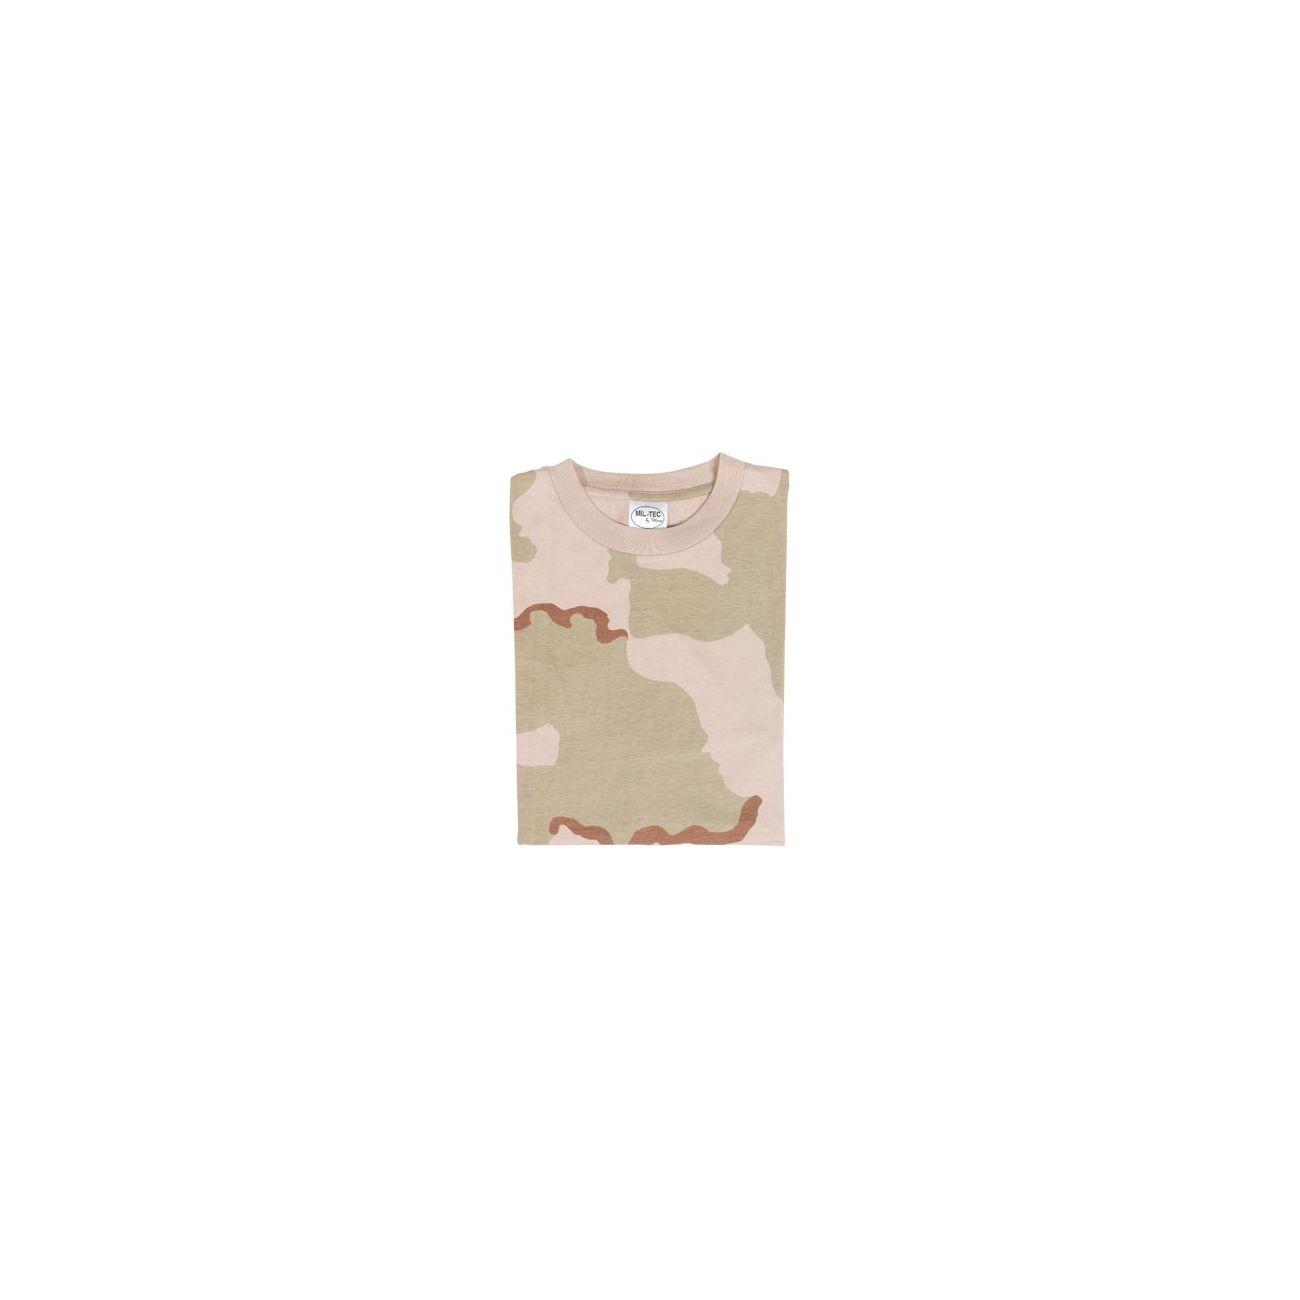 476132f1b8862e T-Shirt Tarnshirt 3-color-desert günstig kaufen - Kotte & Zeller